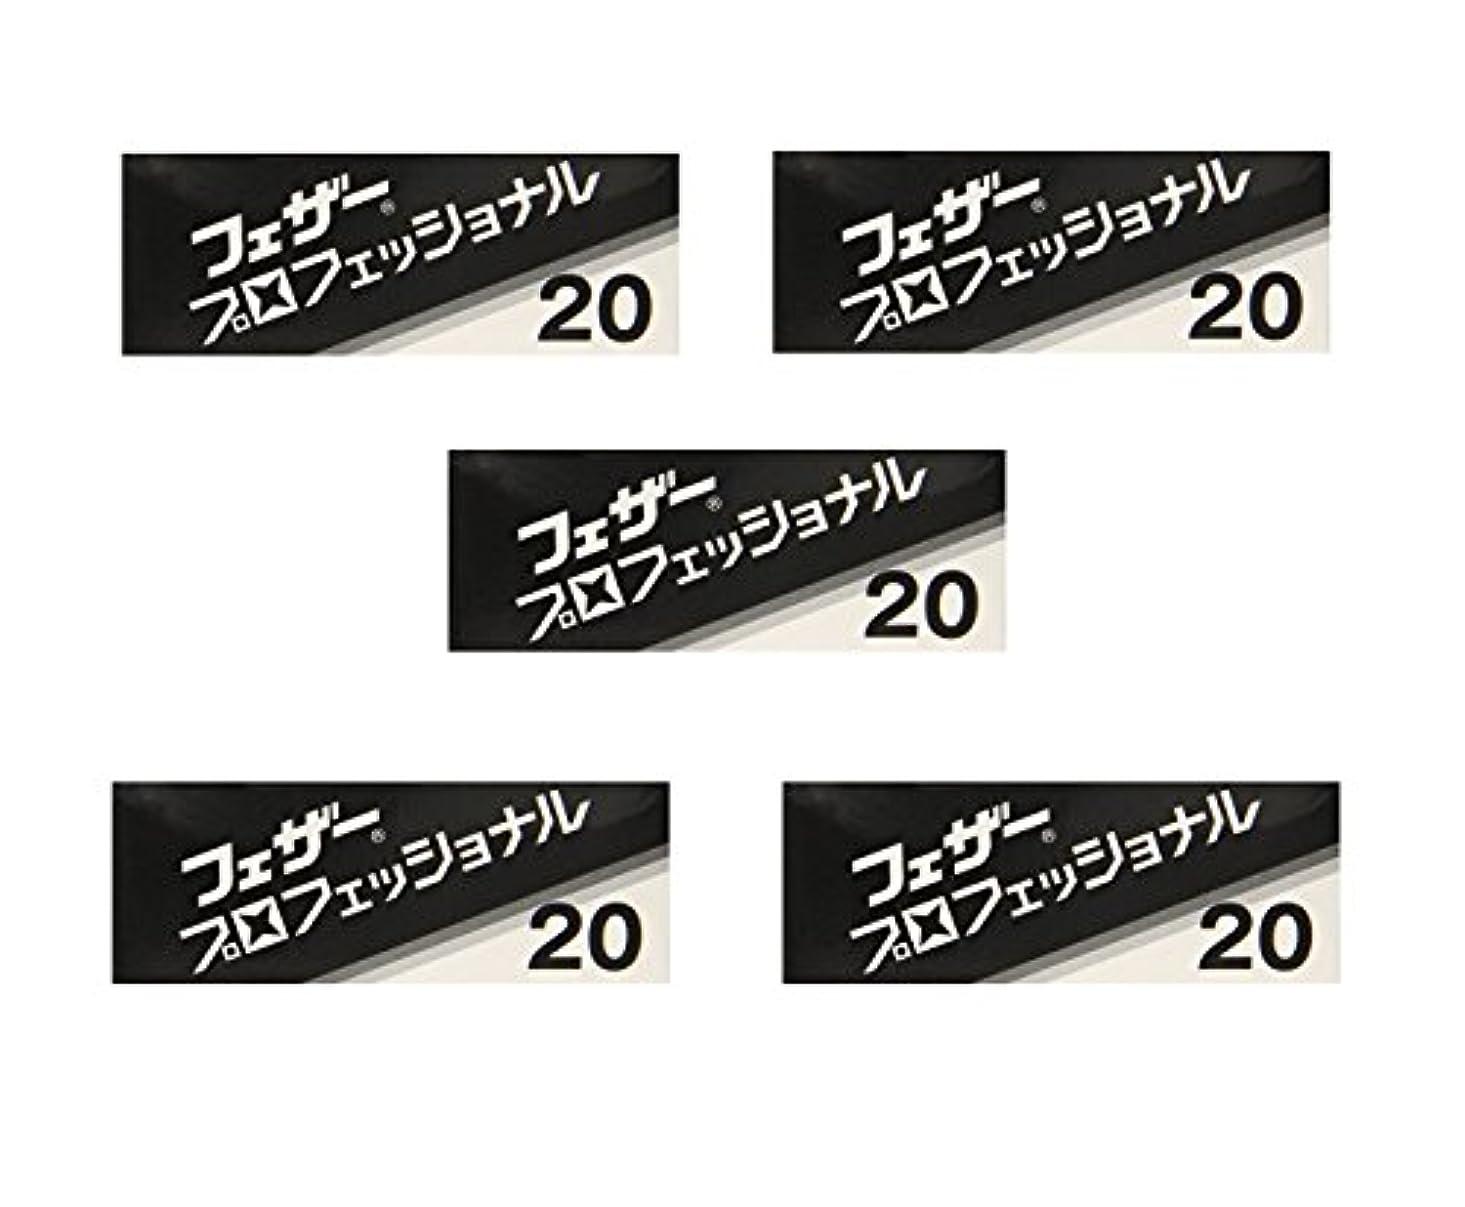 男ファシズム悪意【5個セット】フェザープロフェッショナルブレイド 20枚入 PB-20